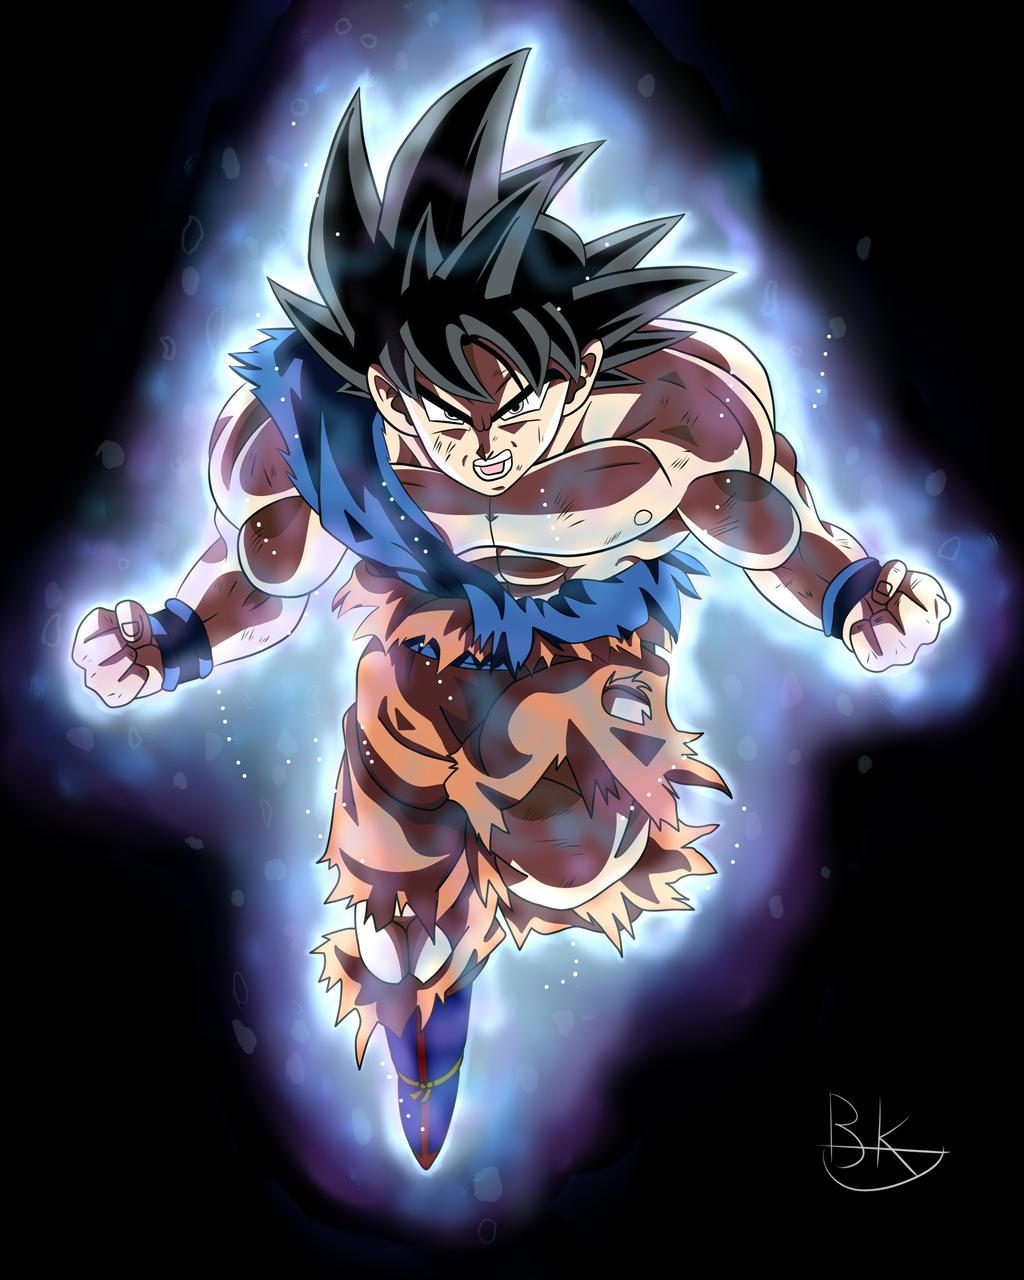 Son Goku Ultra instinct by deriavis on DeviantArt